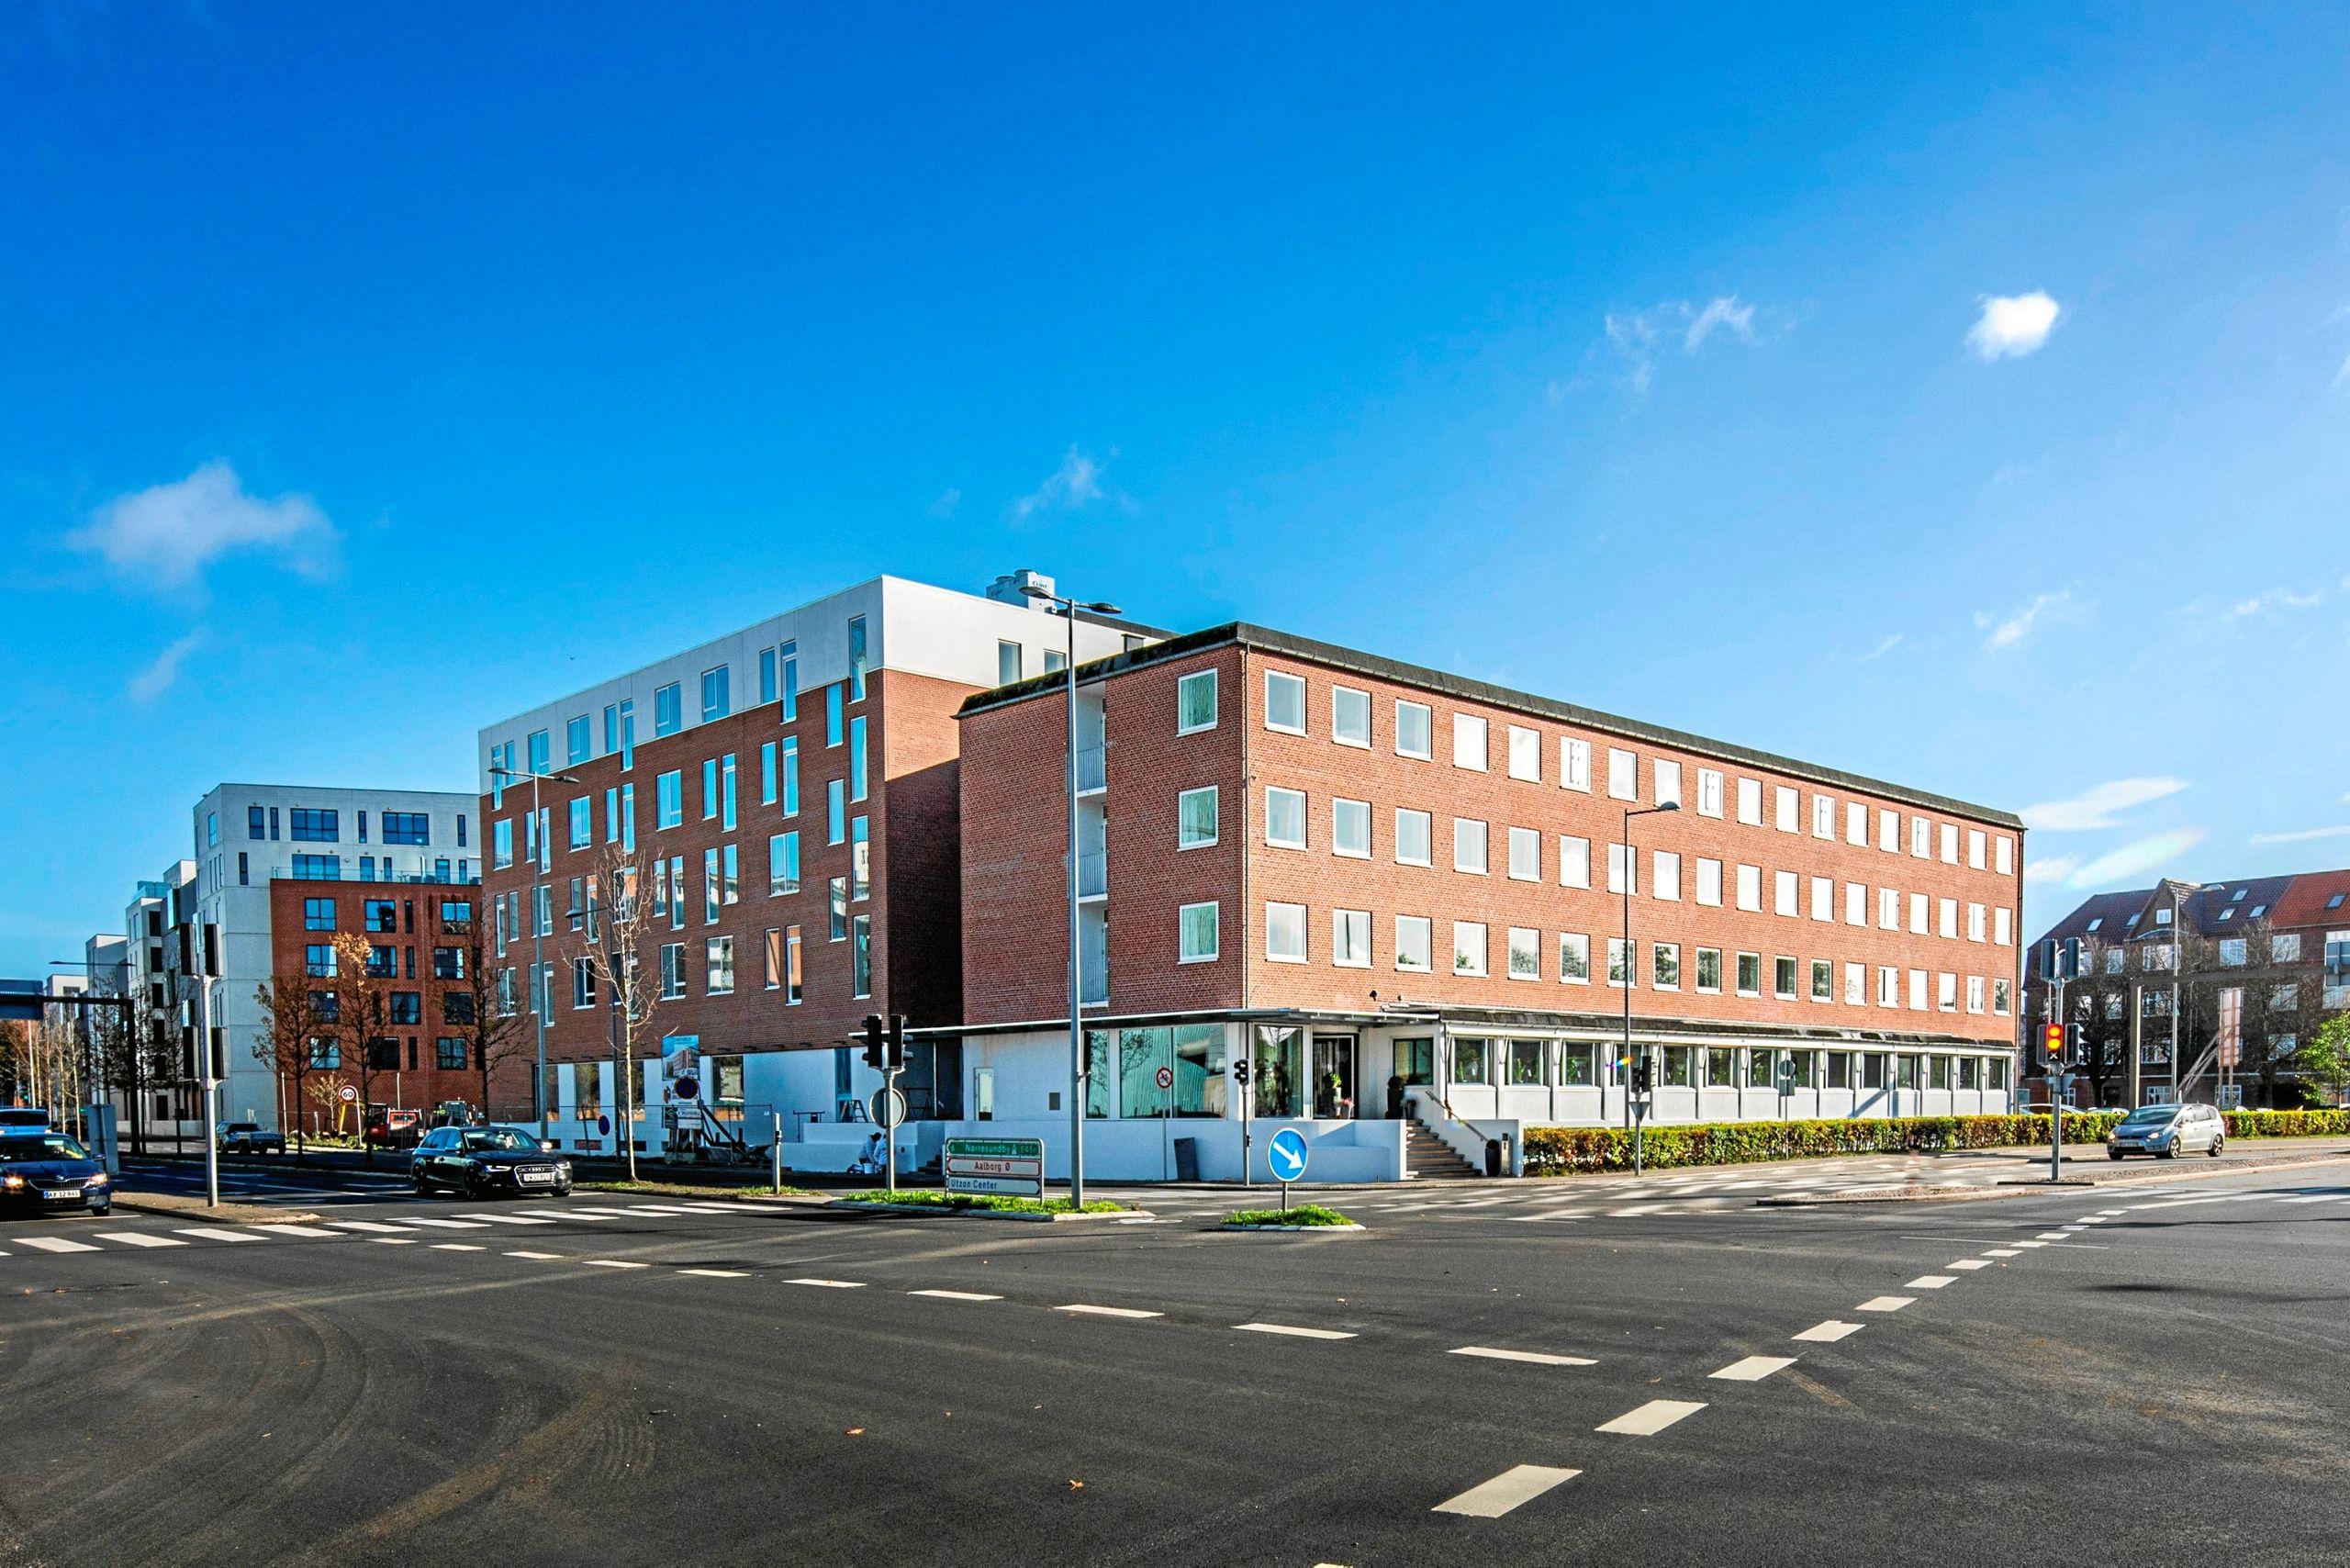 Kompas Hotel Aalborg har en helt unik og central placering i dag, når man ser på, hvordan udviklingen igennem en række år har været i det nærliggende område med bl.a. Musikkens Hus og Nordkraft som nærmeste naboer foruden hele udbygningen af havnefronten i Aalborg. Privatfoto